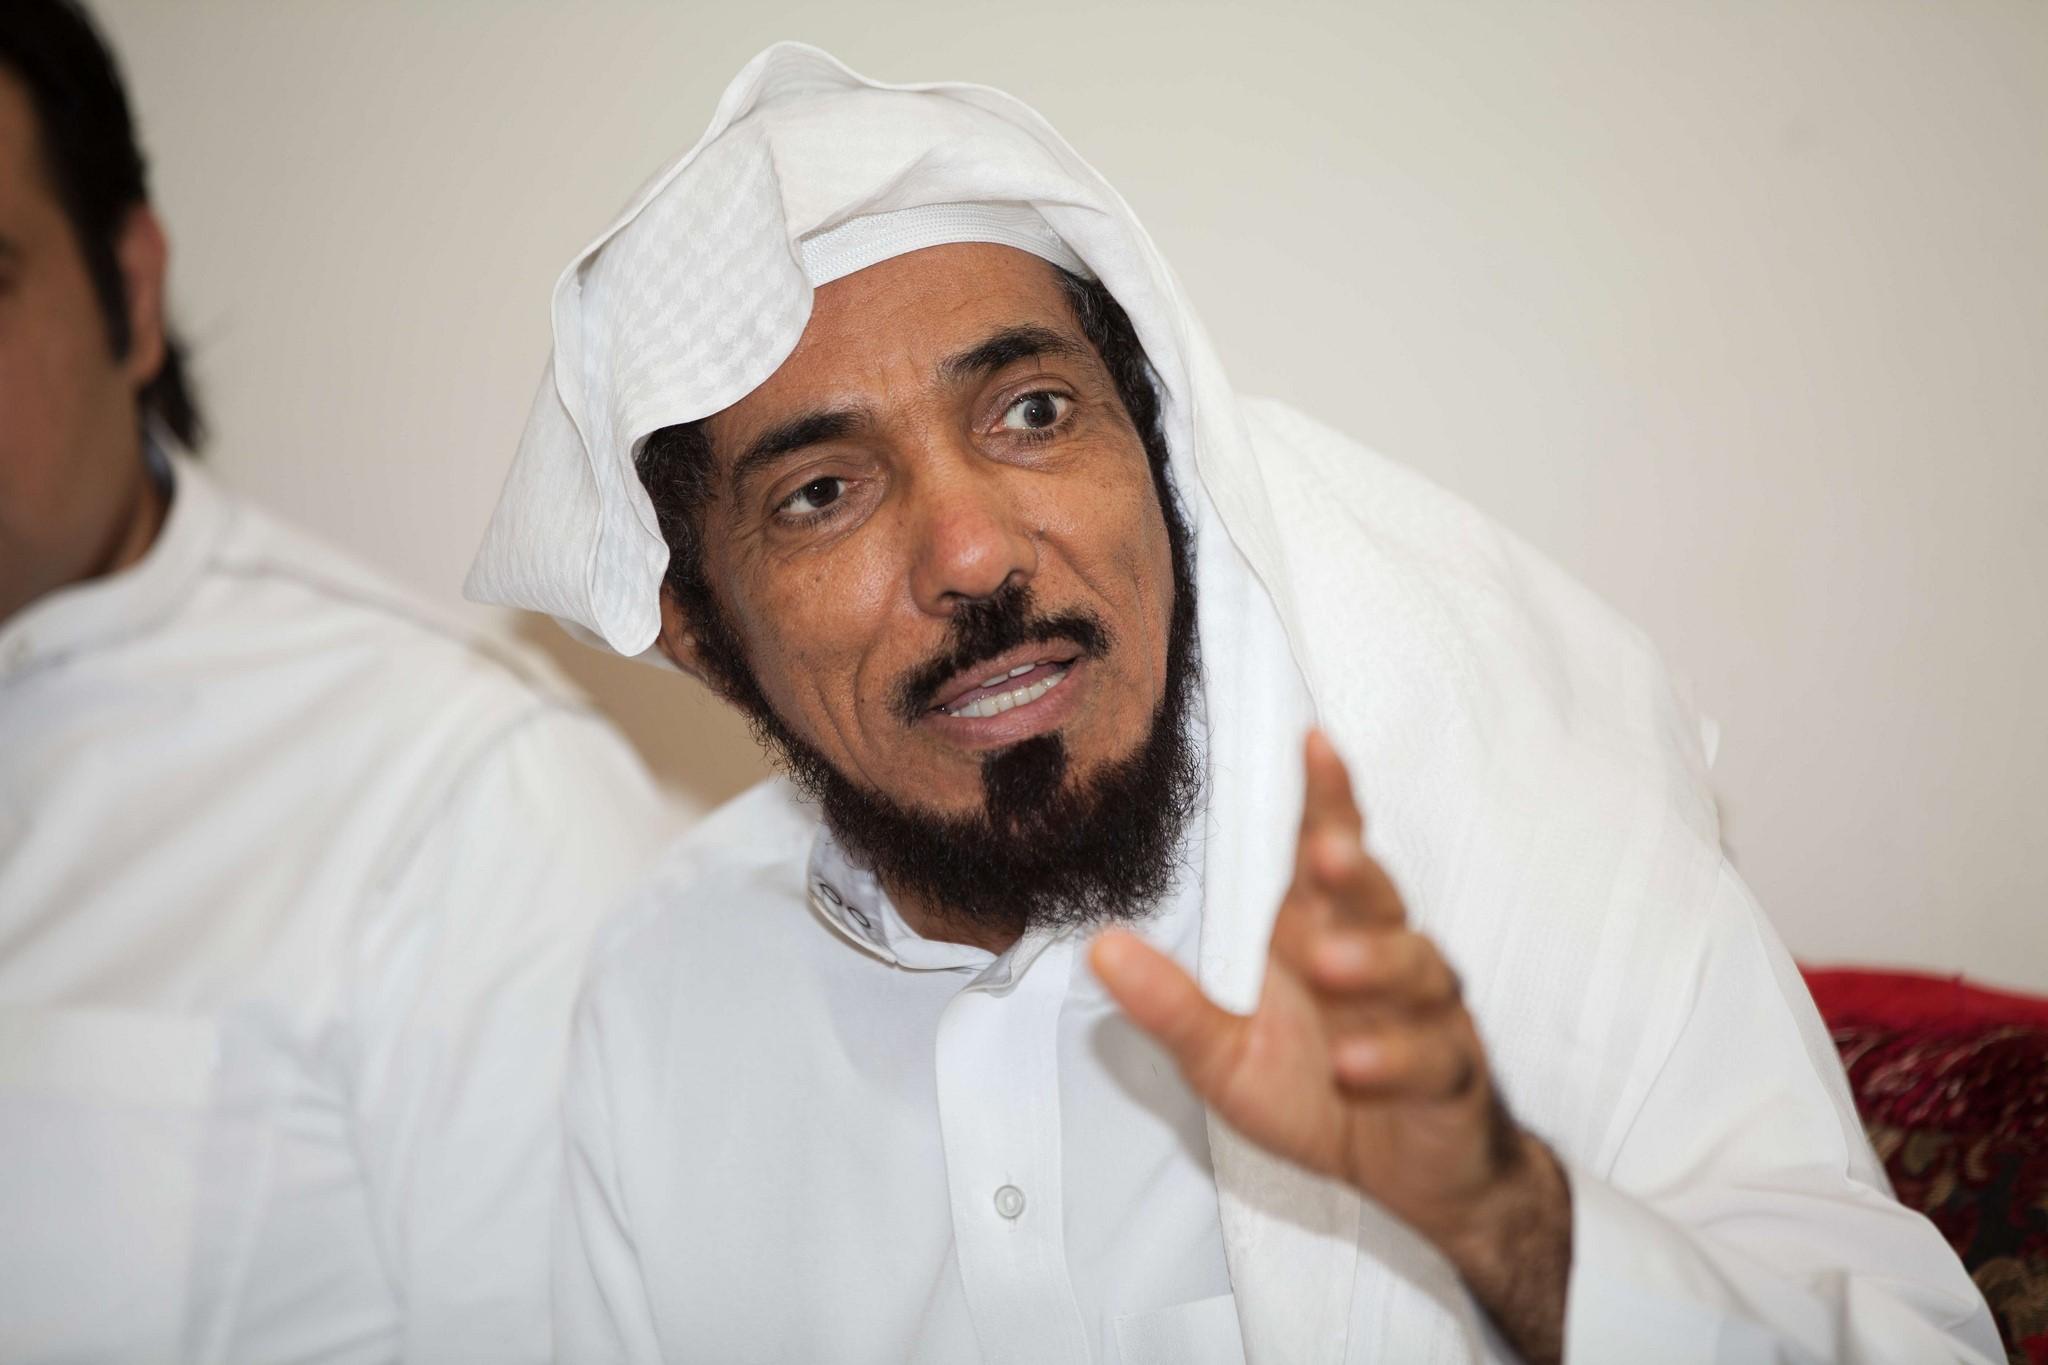 al-Awdah